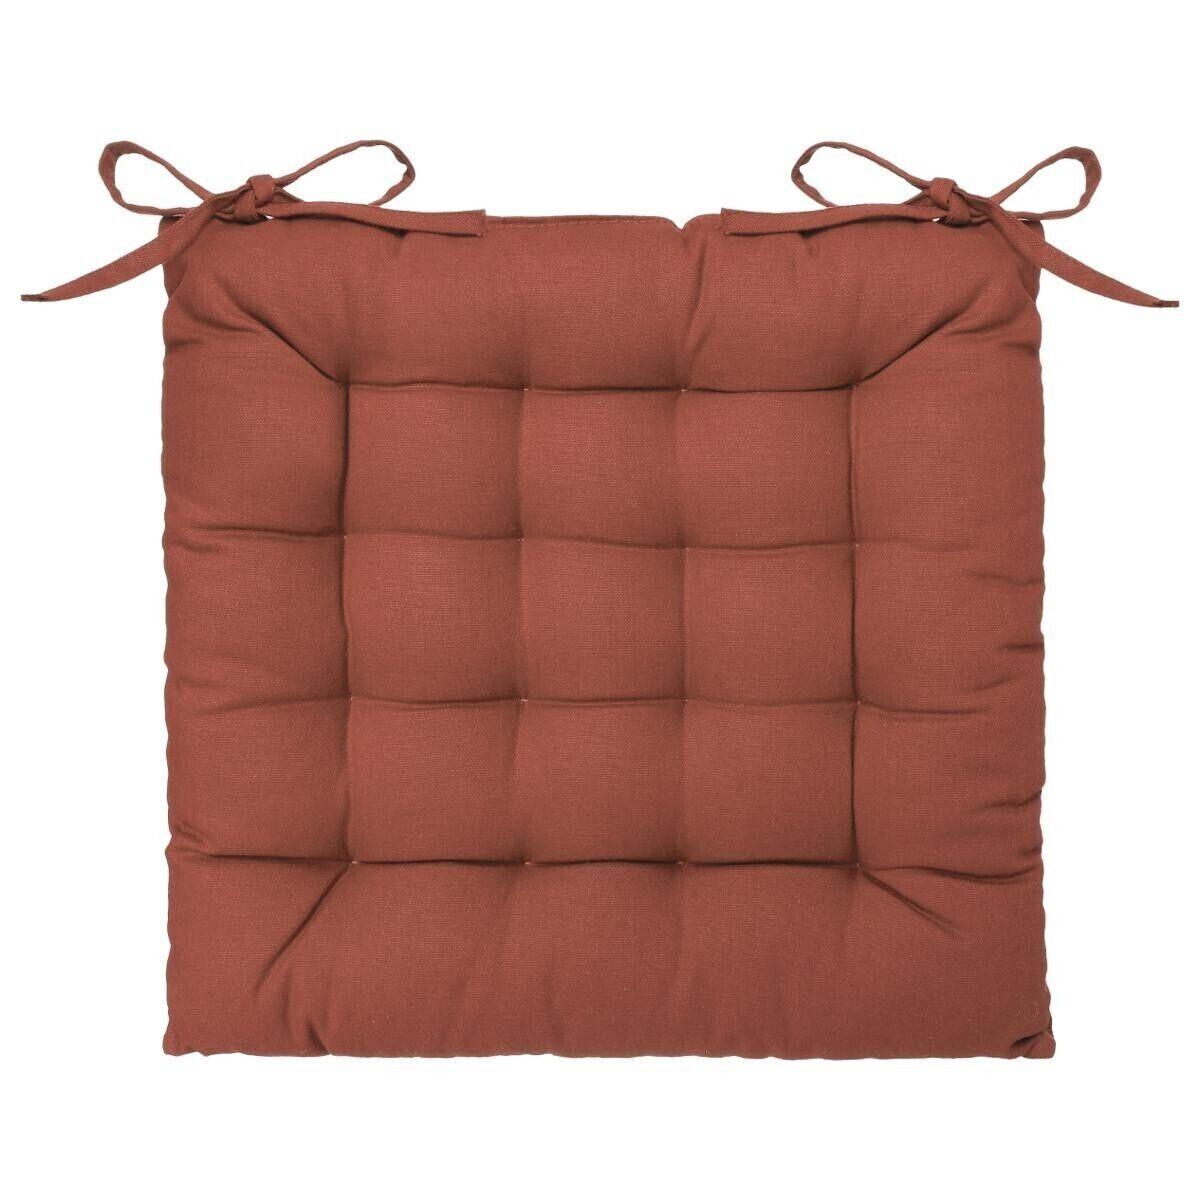 Atmosphera Galette de chaise en coton terracota 38x38 cm old_refs-2021_DTE Unisexe